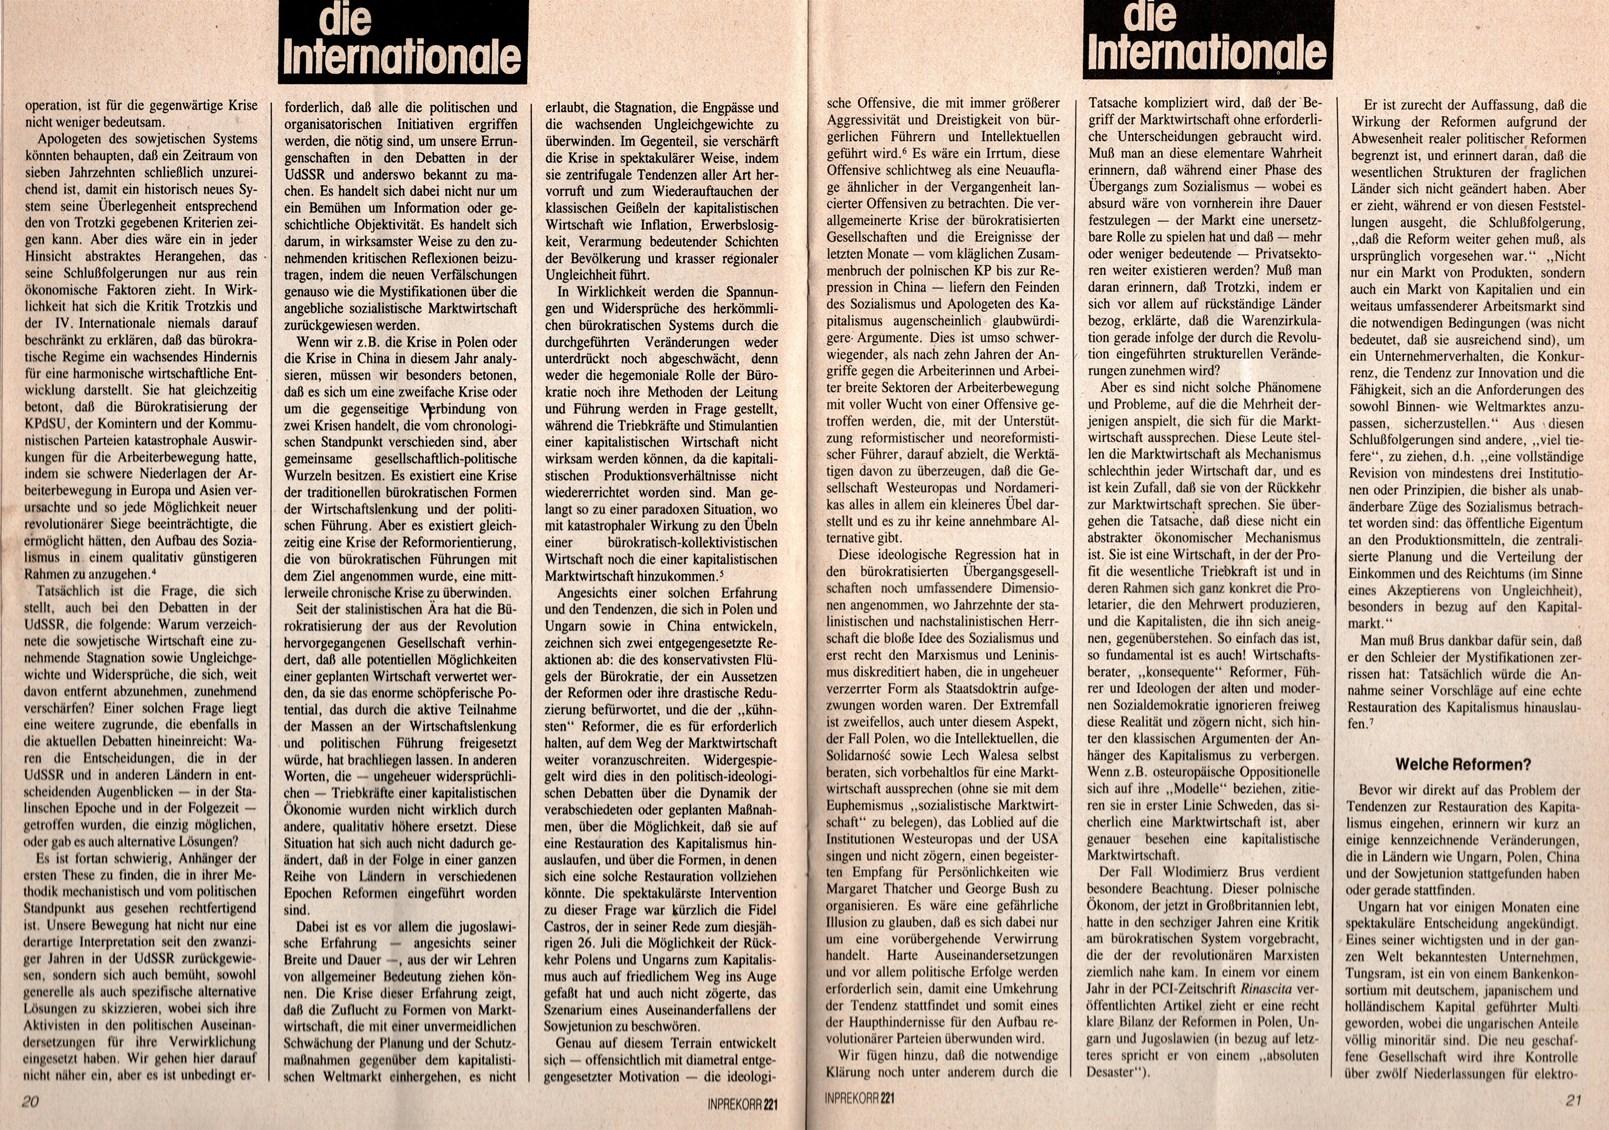 Inprekorr_19891100_221_011